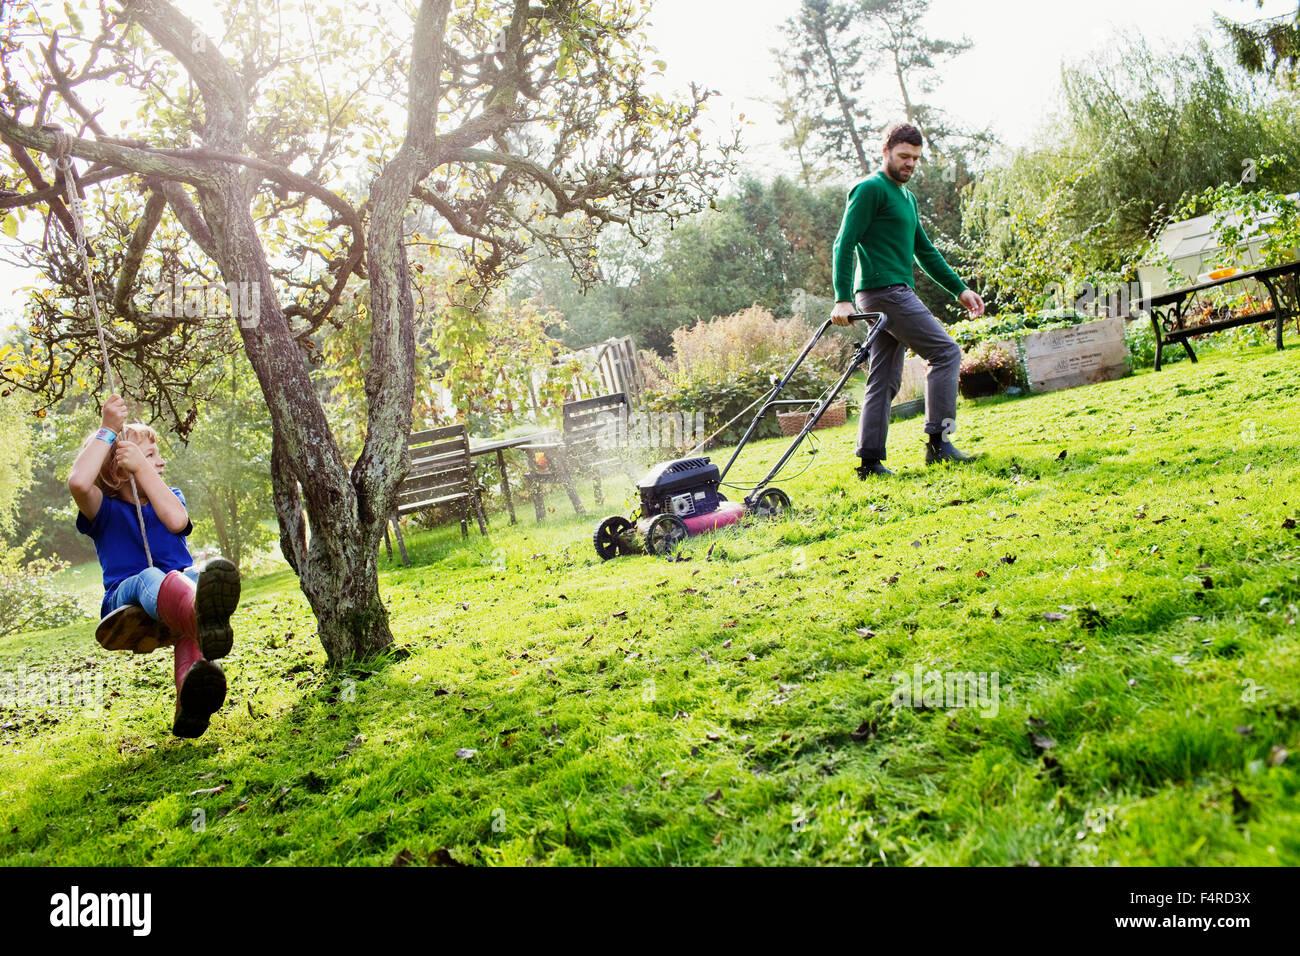 Schweden, Skane, Osterlen, Borrby, Vater und Sohn (4-5) im heimischen Garten Stockbild